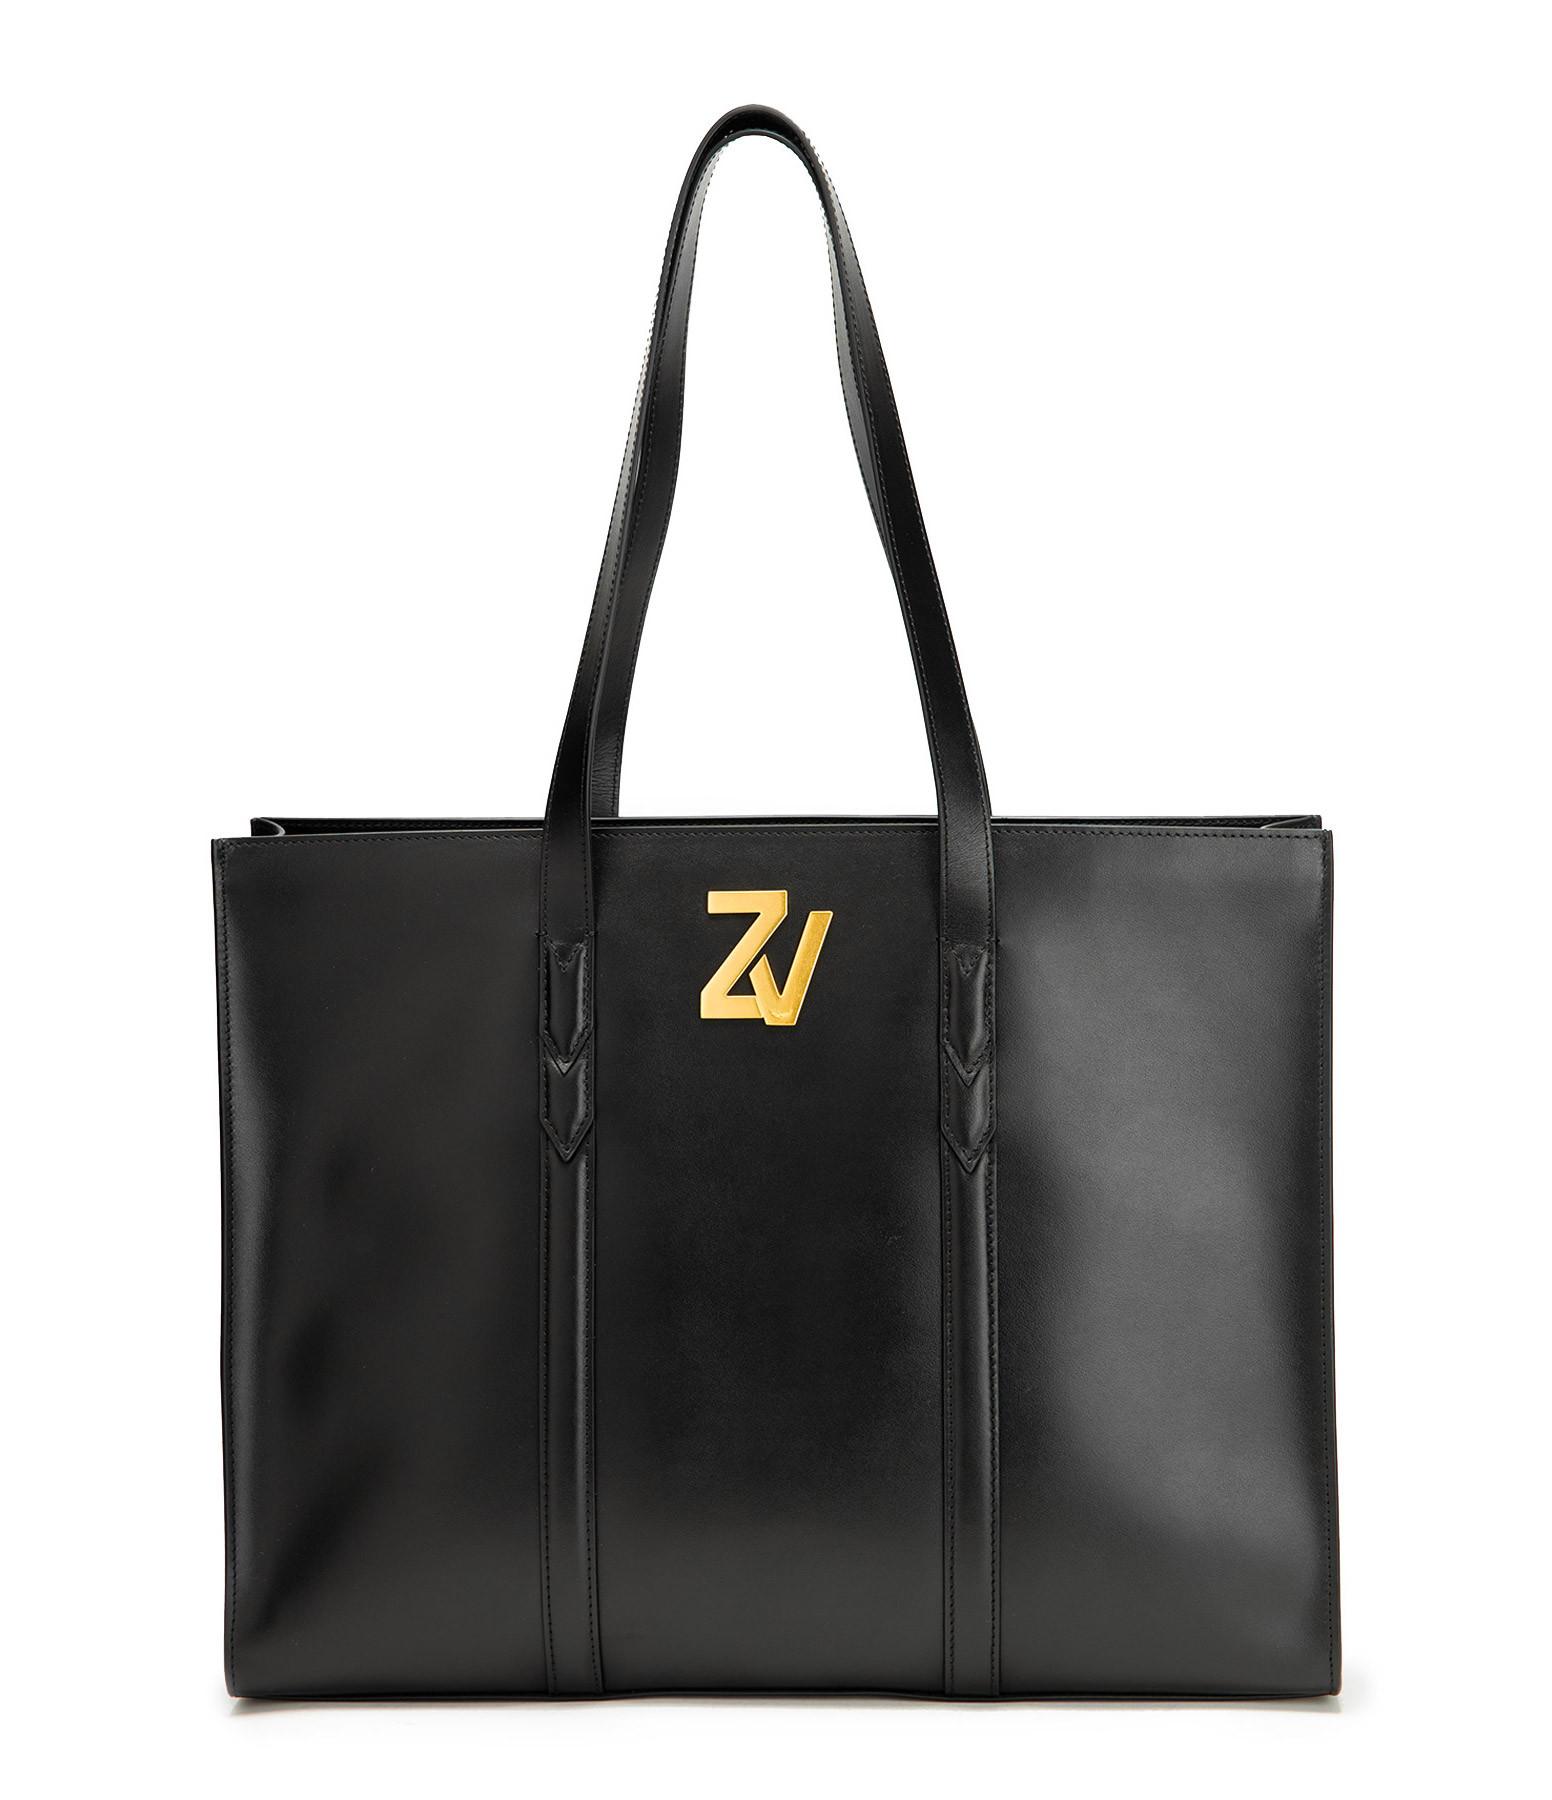 ZADIG & VOLTAIRE - Sac ZV Initiale TOT Cuir Noir